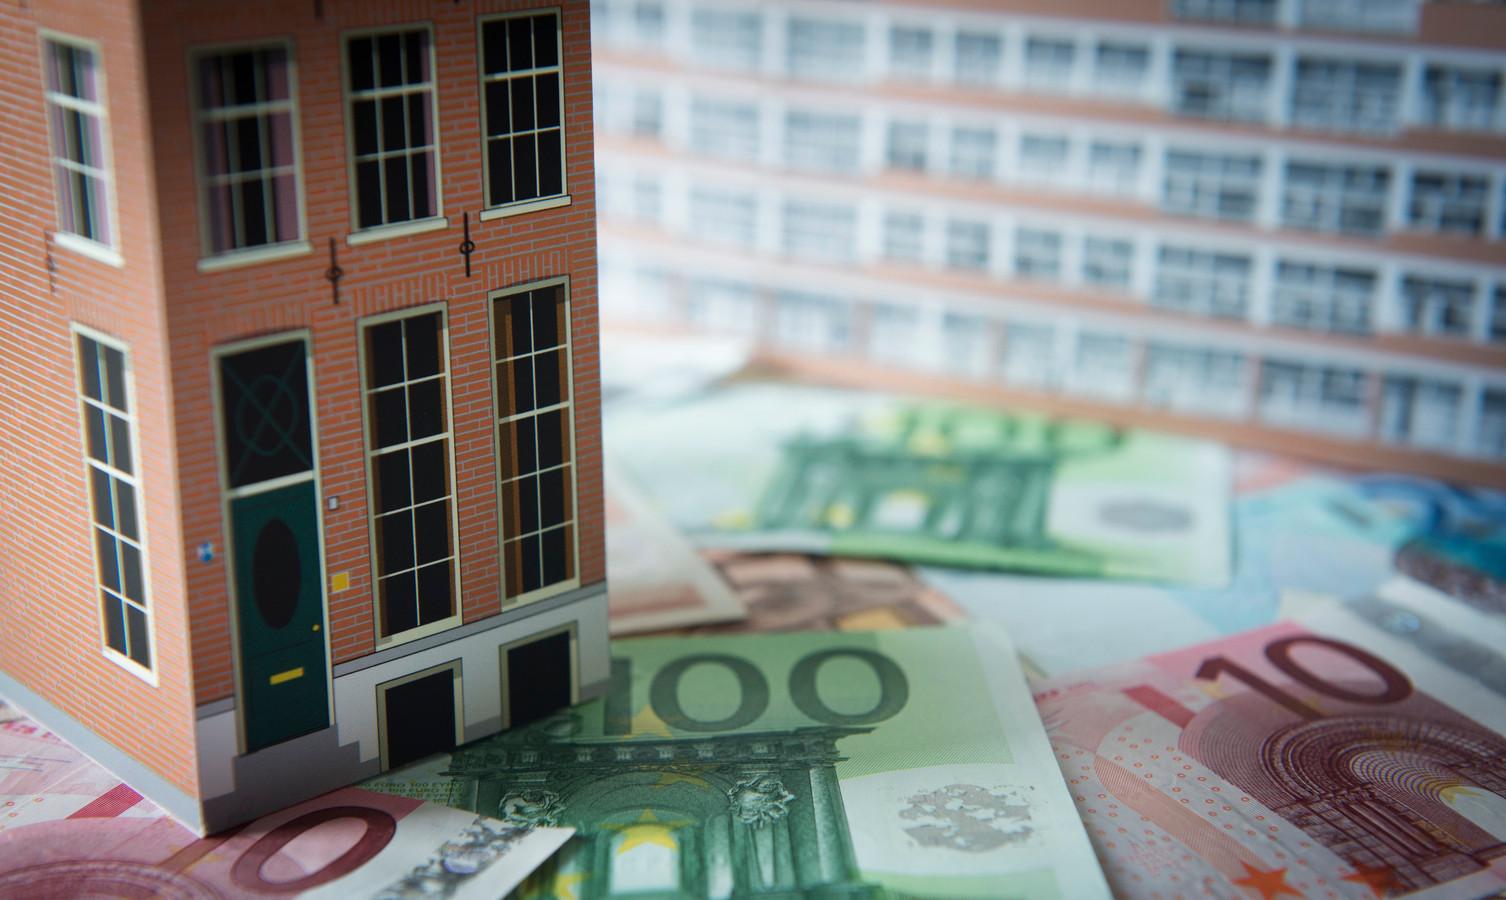 SallandWonen verhoogt de huur van haar woningen dit jaar met gemiddeld 2,6 procent. De maximale verhoging is 3,6 procent.